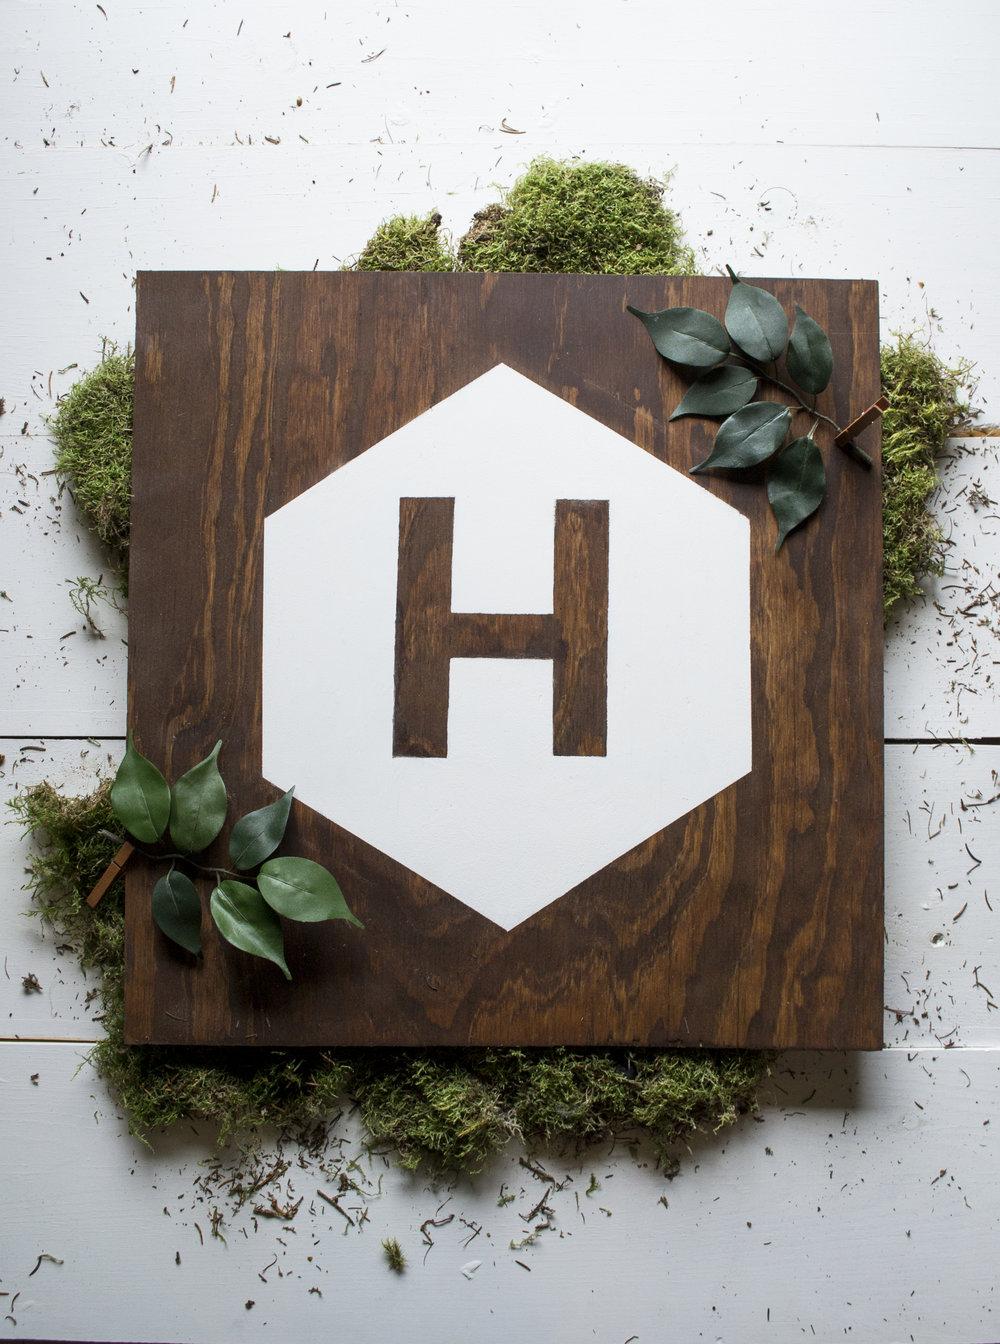 Hhex3.jpg